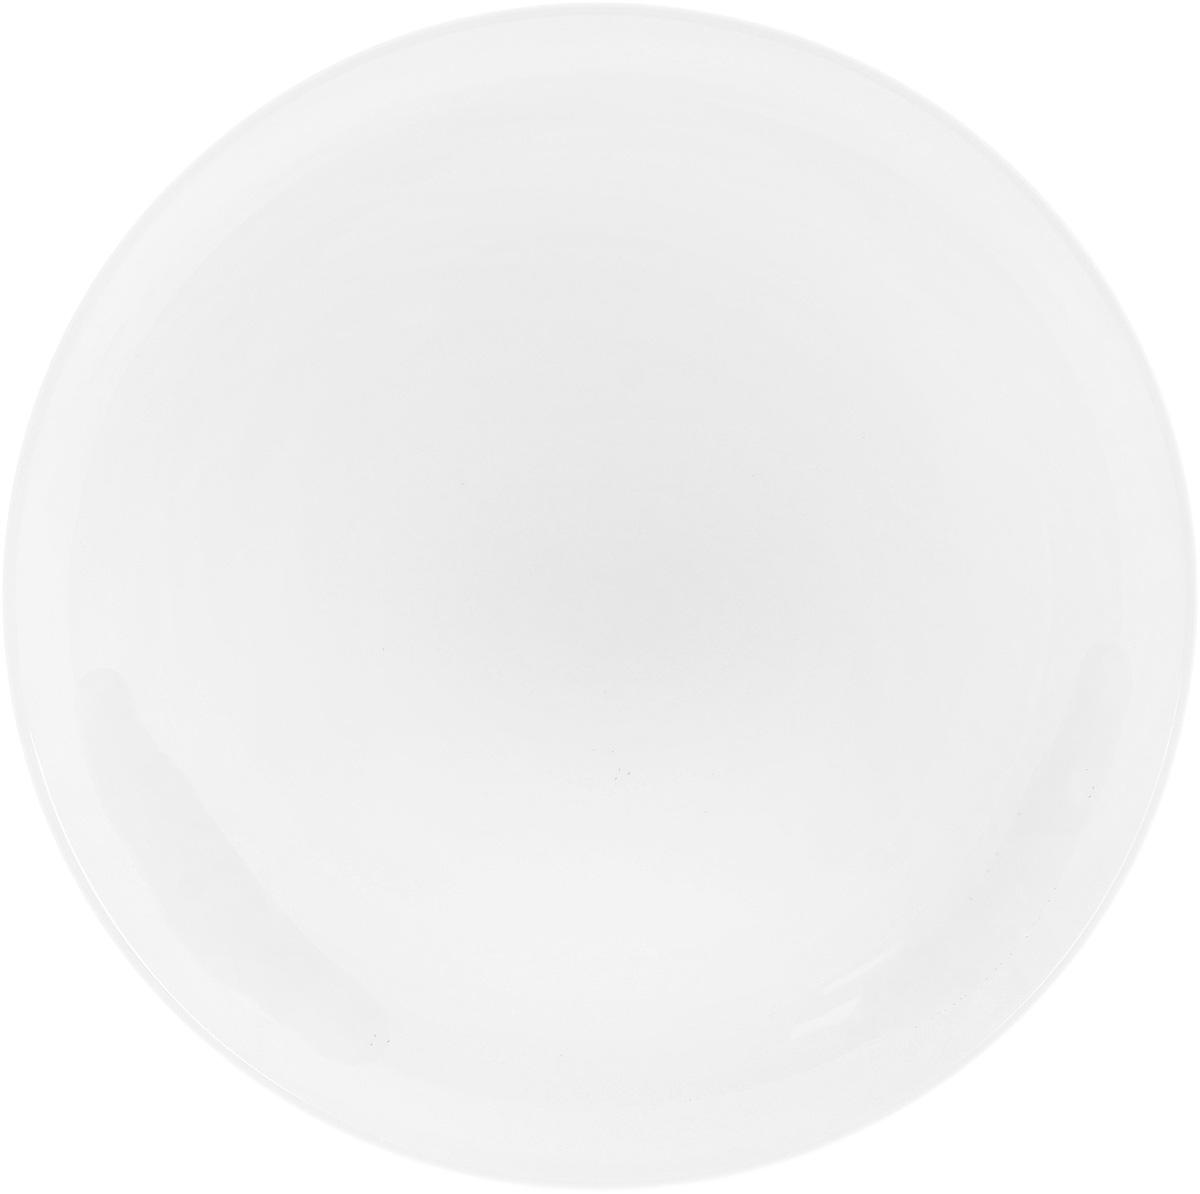 Тарелка Wilmax, диаметр 25,5 смWL-991015 / AТарелка Wilmax, изготовленная из высококачественного фарфора, имеет классическую круглую форму. Оригинальный дизайн придется по вкусу и ценителям классики, и тем, кто предпочитает утонченность и изысканность. Тарелка Wilmax идеально подойдет для сервировки стола и станет отличным подарком к любому празднику.